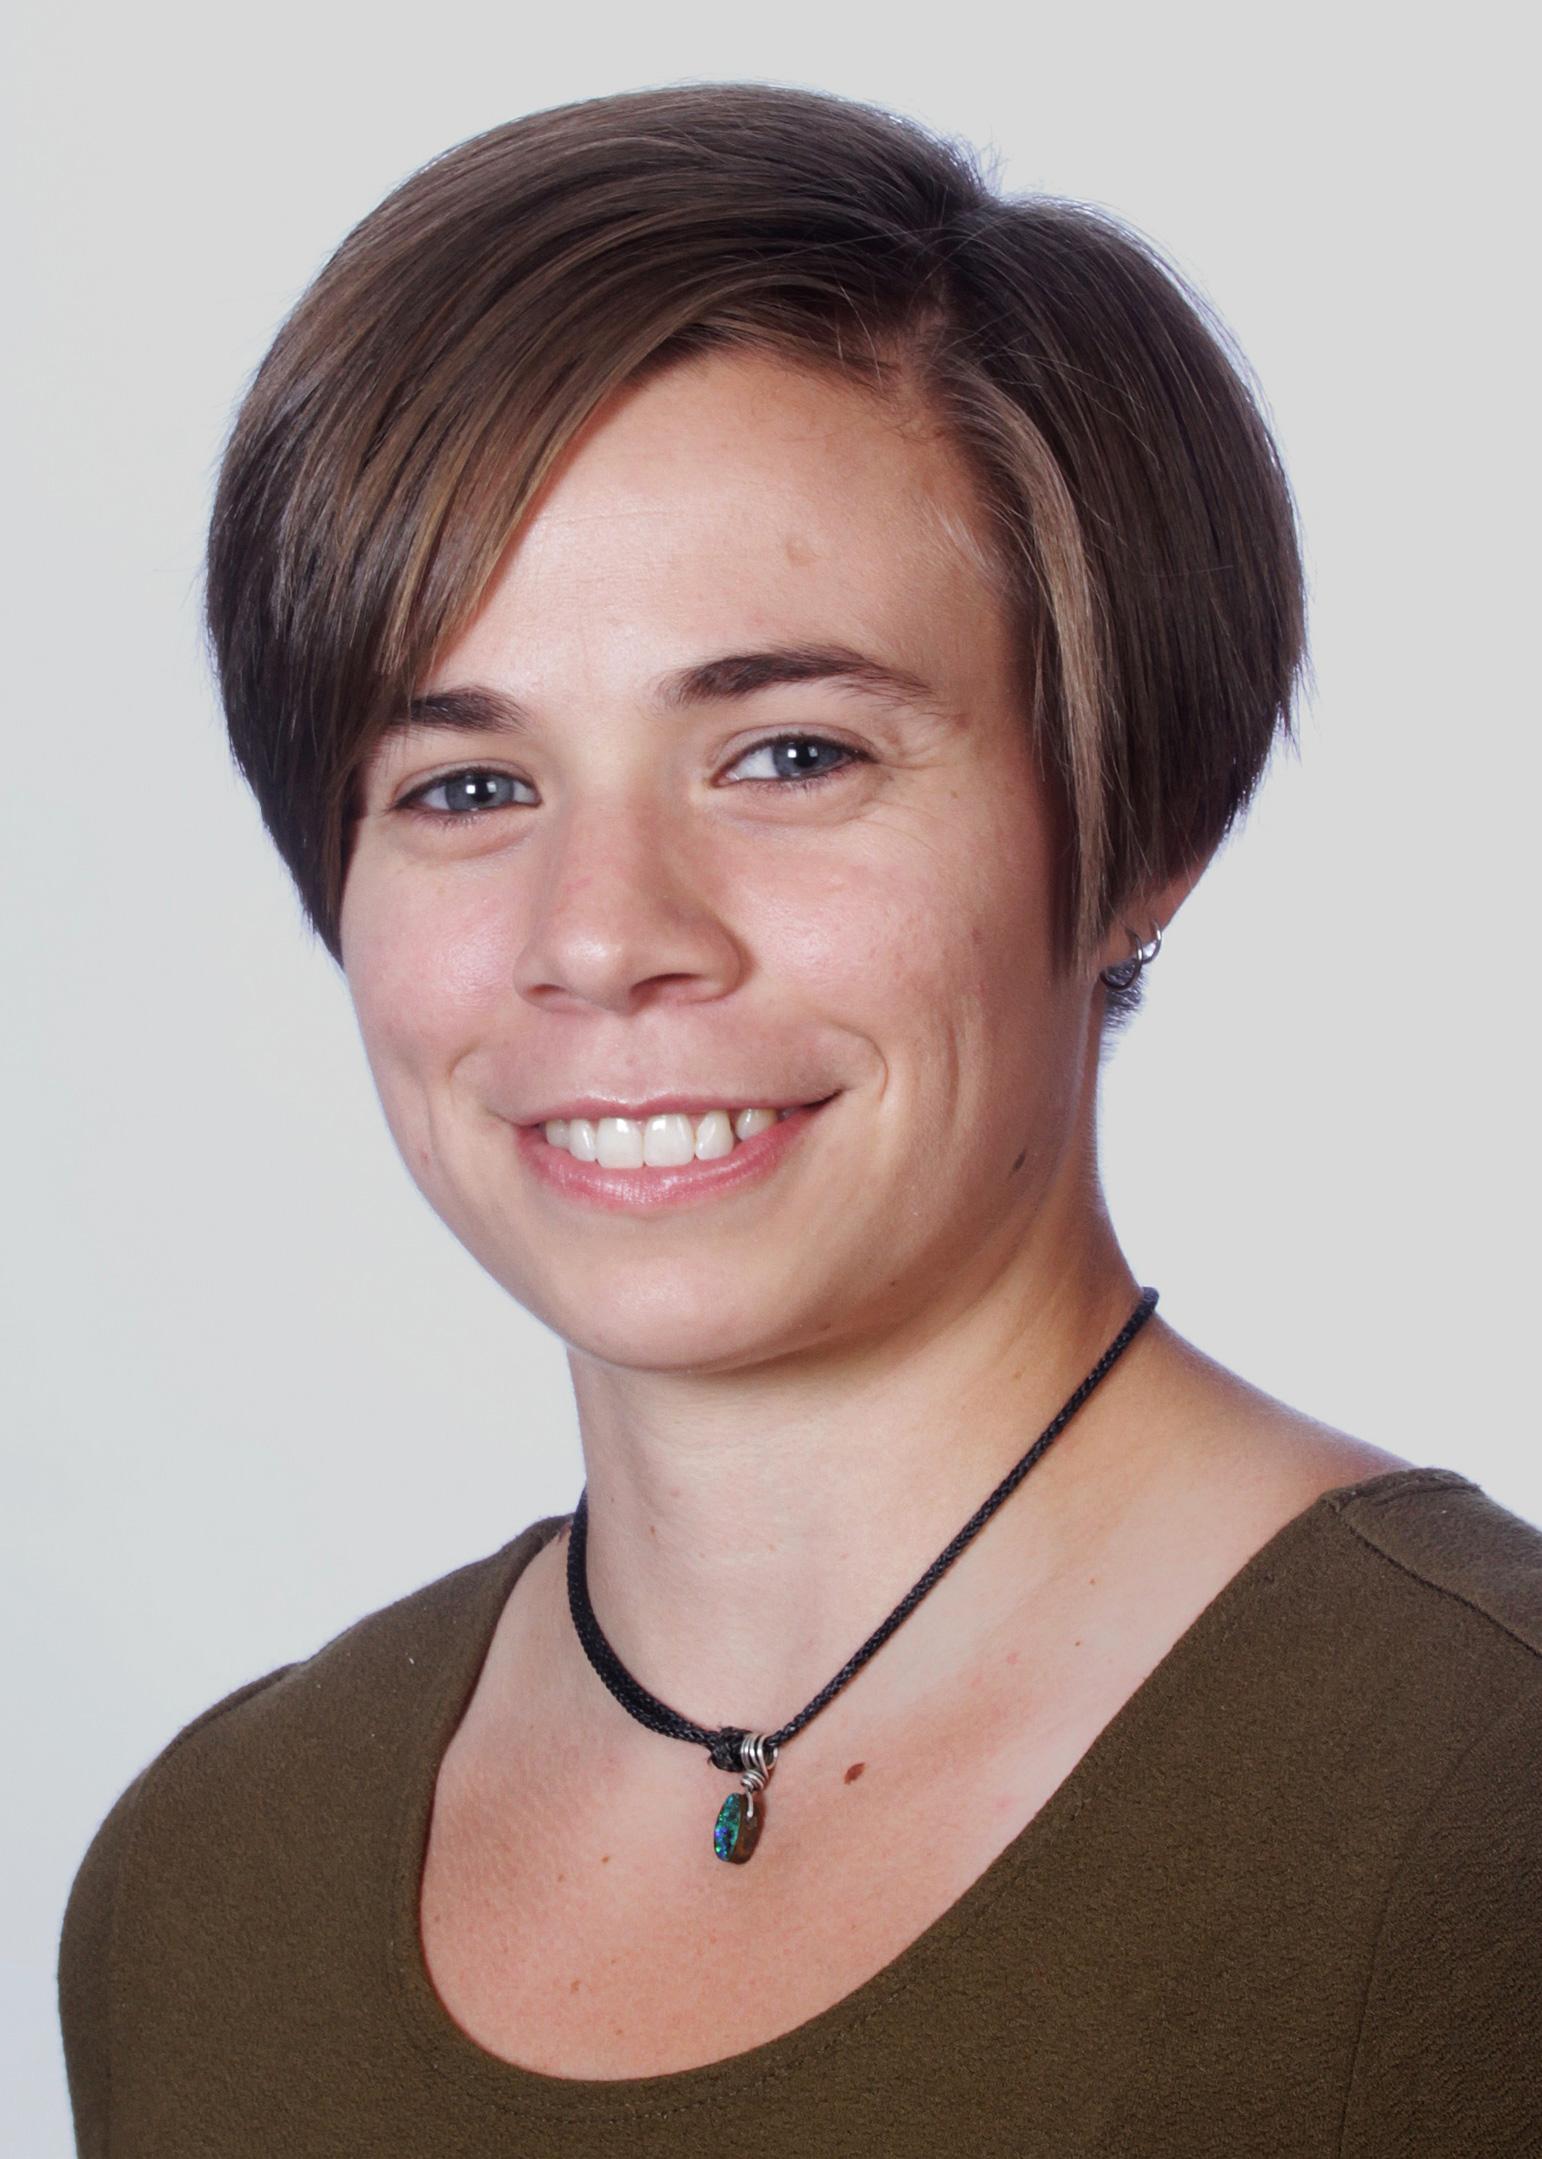 Leah Rossettie